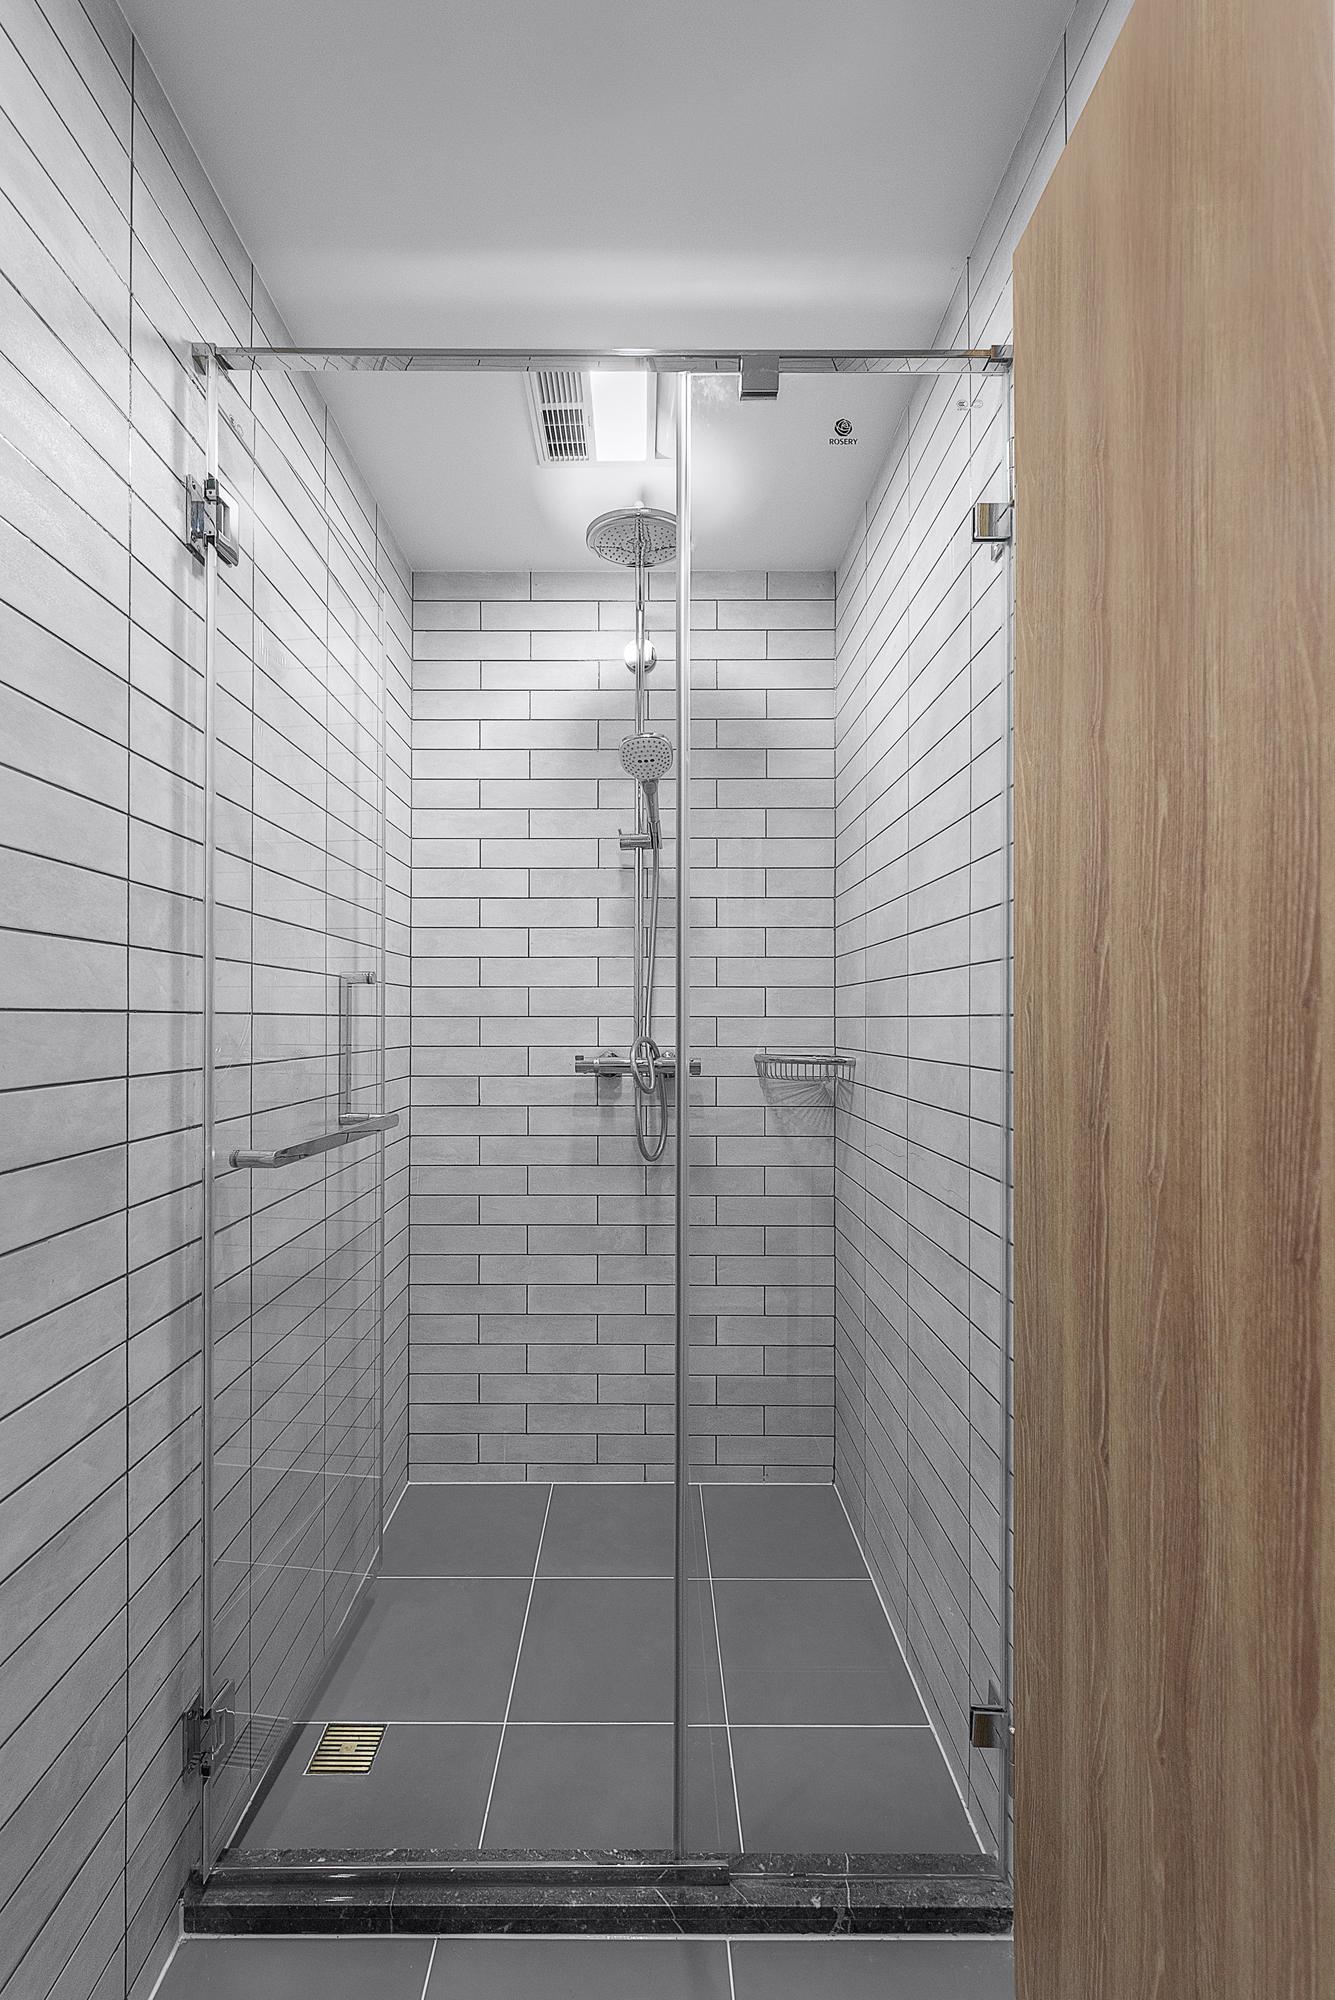 简约 混搭 三居 收纳 旧房改造 小资 卫生间图片来自林上淮·圣奇凯尚装饰在爱家有故事·承载的分享